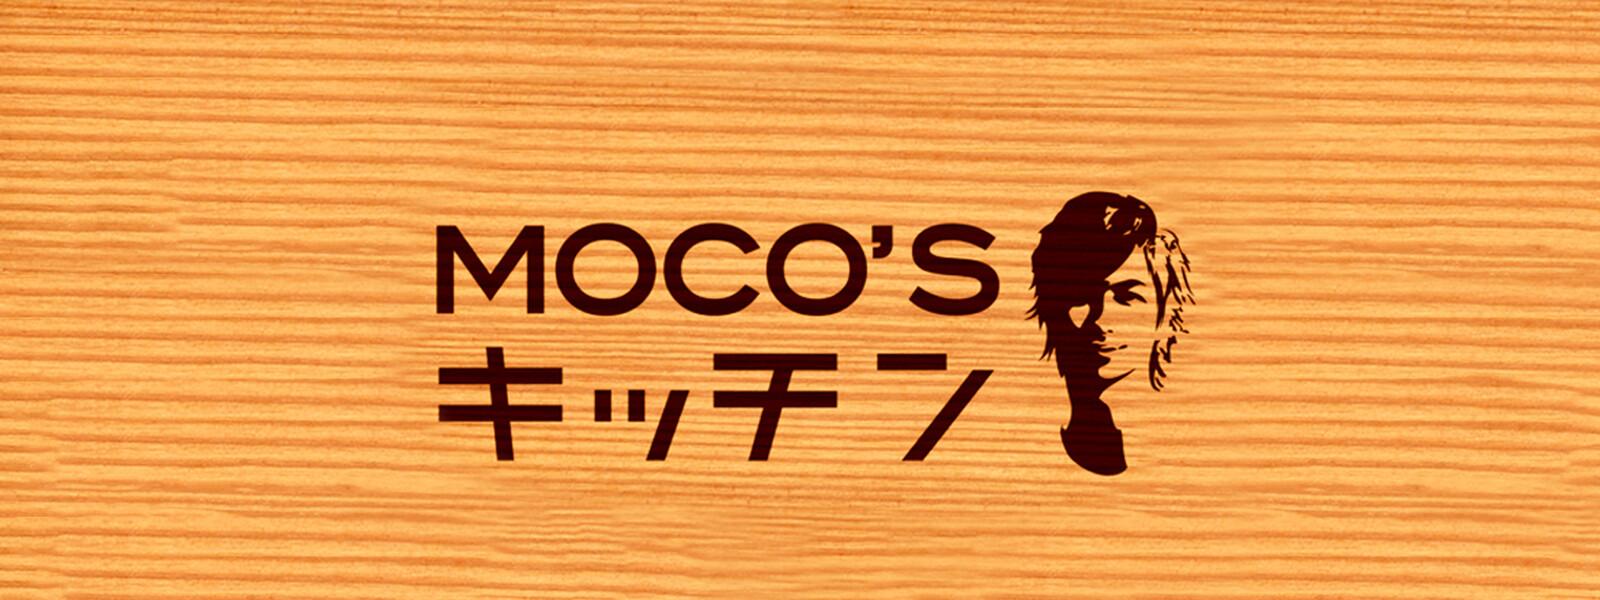 50015633 series art  768x2048 mocos kitchen ff150fd386b9f2d5b0581410b0ea7499